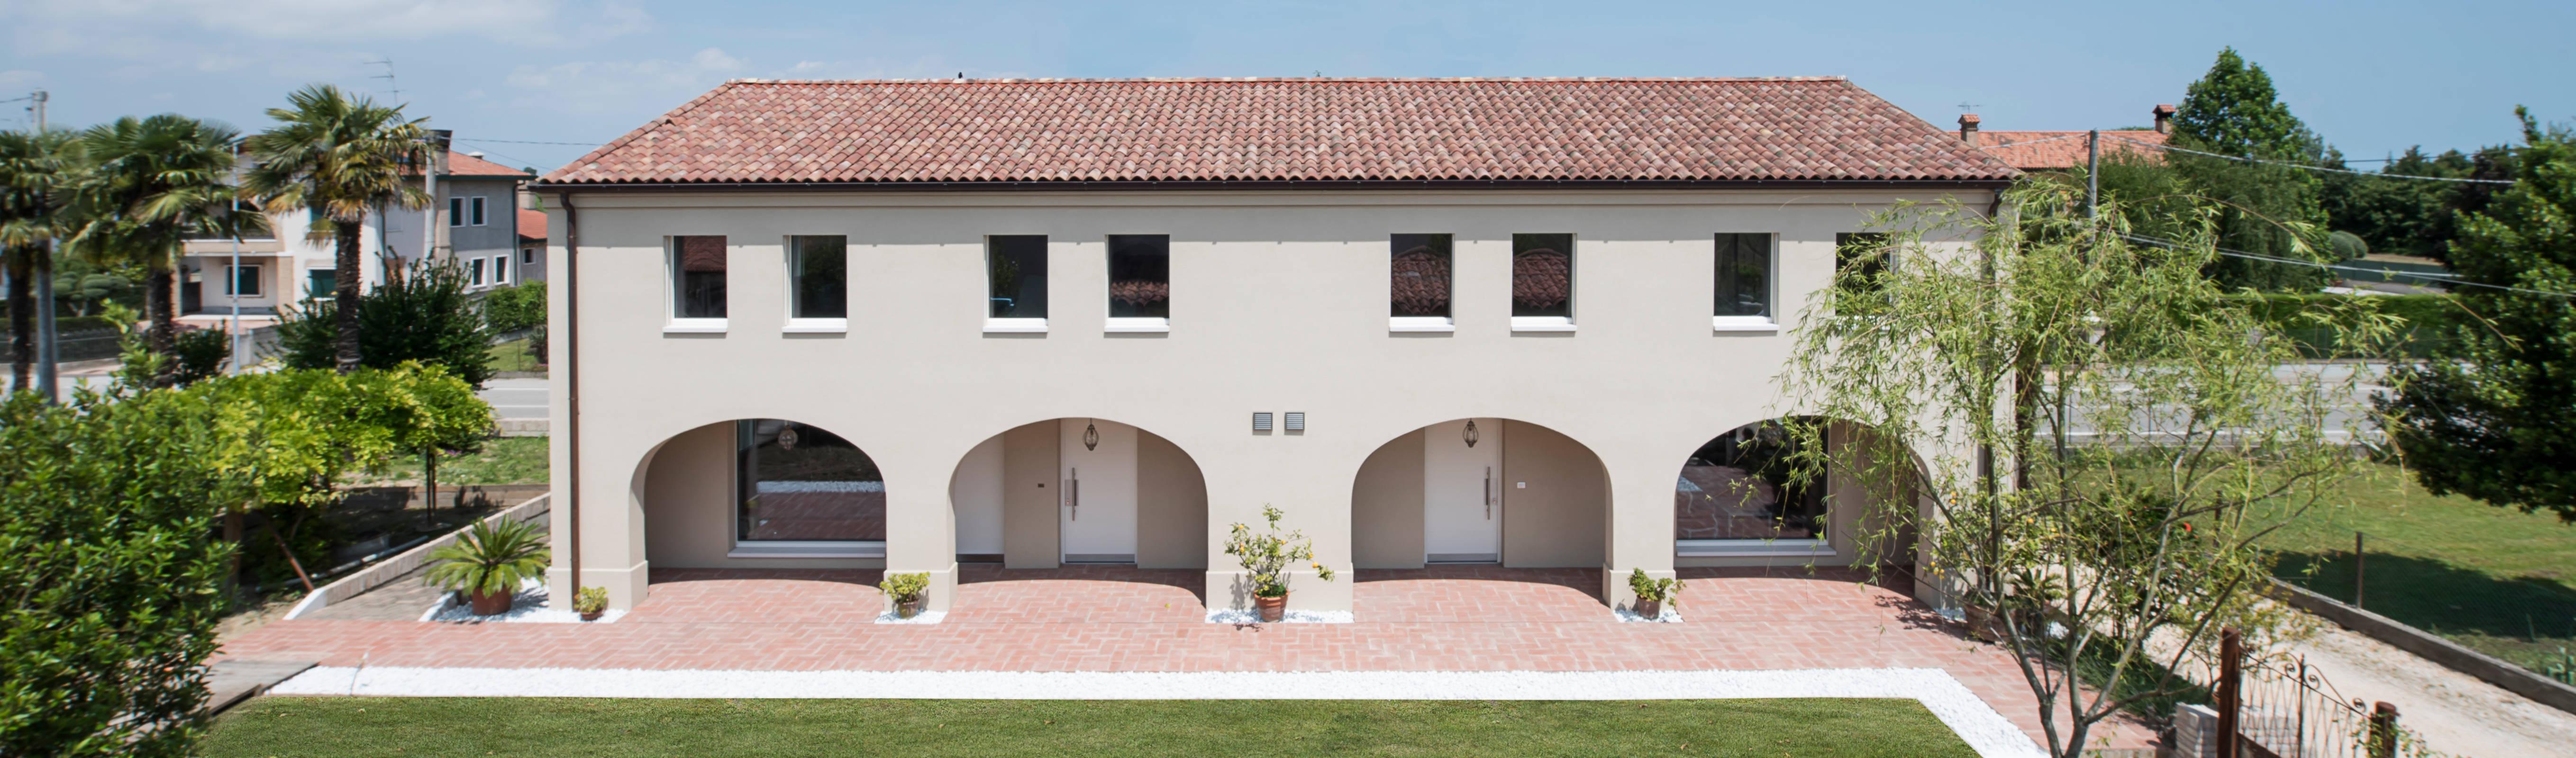 """Come Chiudere Una Loggia la loggia"""" di villa zileri, una ristrutturazione prestigiosa"""